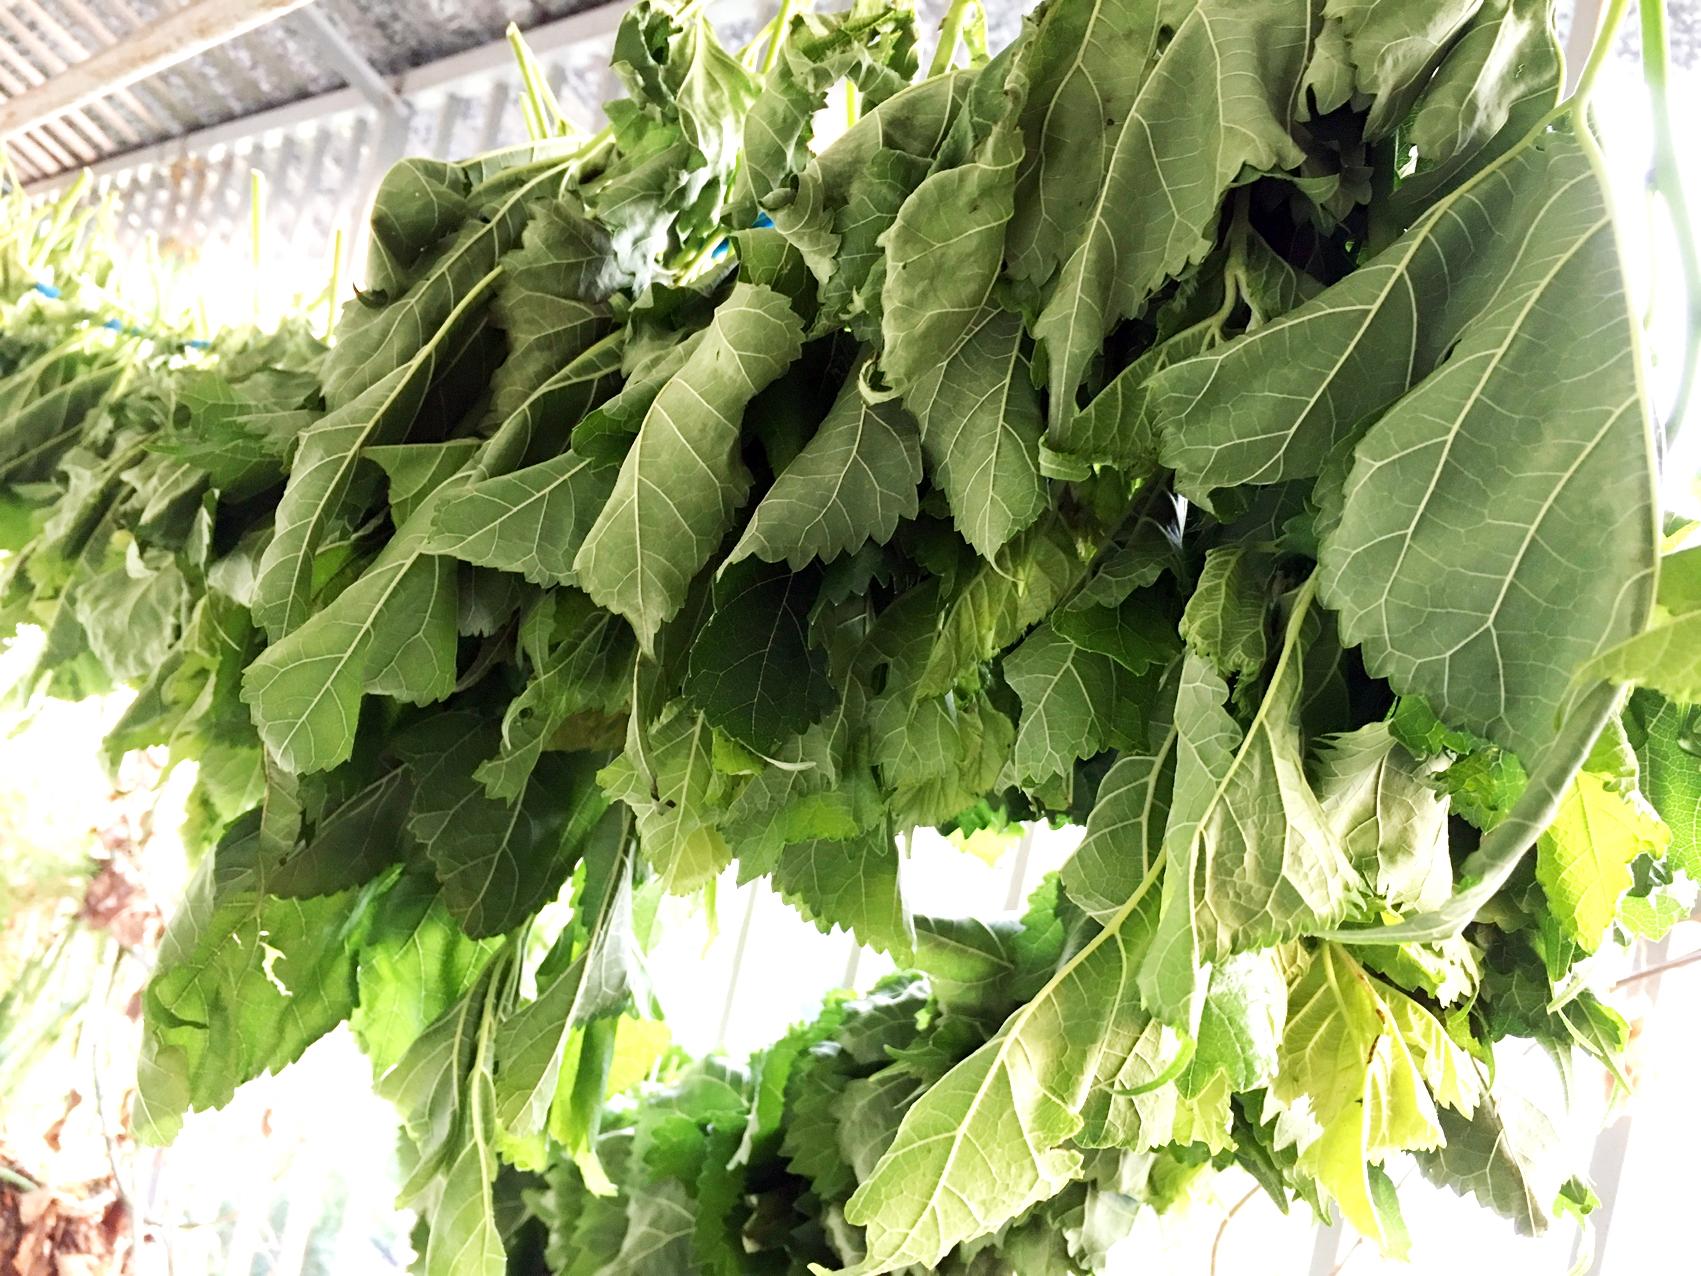 Lá dâu tằm được phơi trong bóng râm, giữ được phần lớn dược chất; giúp kháng khuẩn, thanh nhiệt cho cơ thể